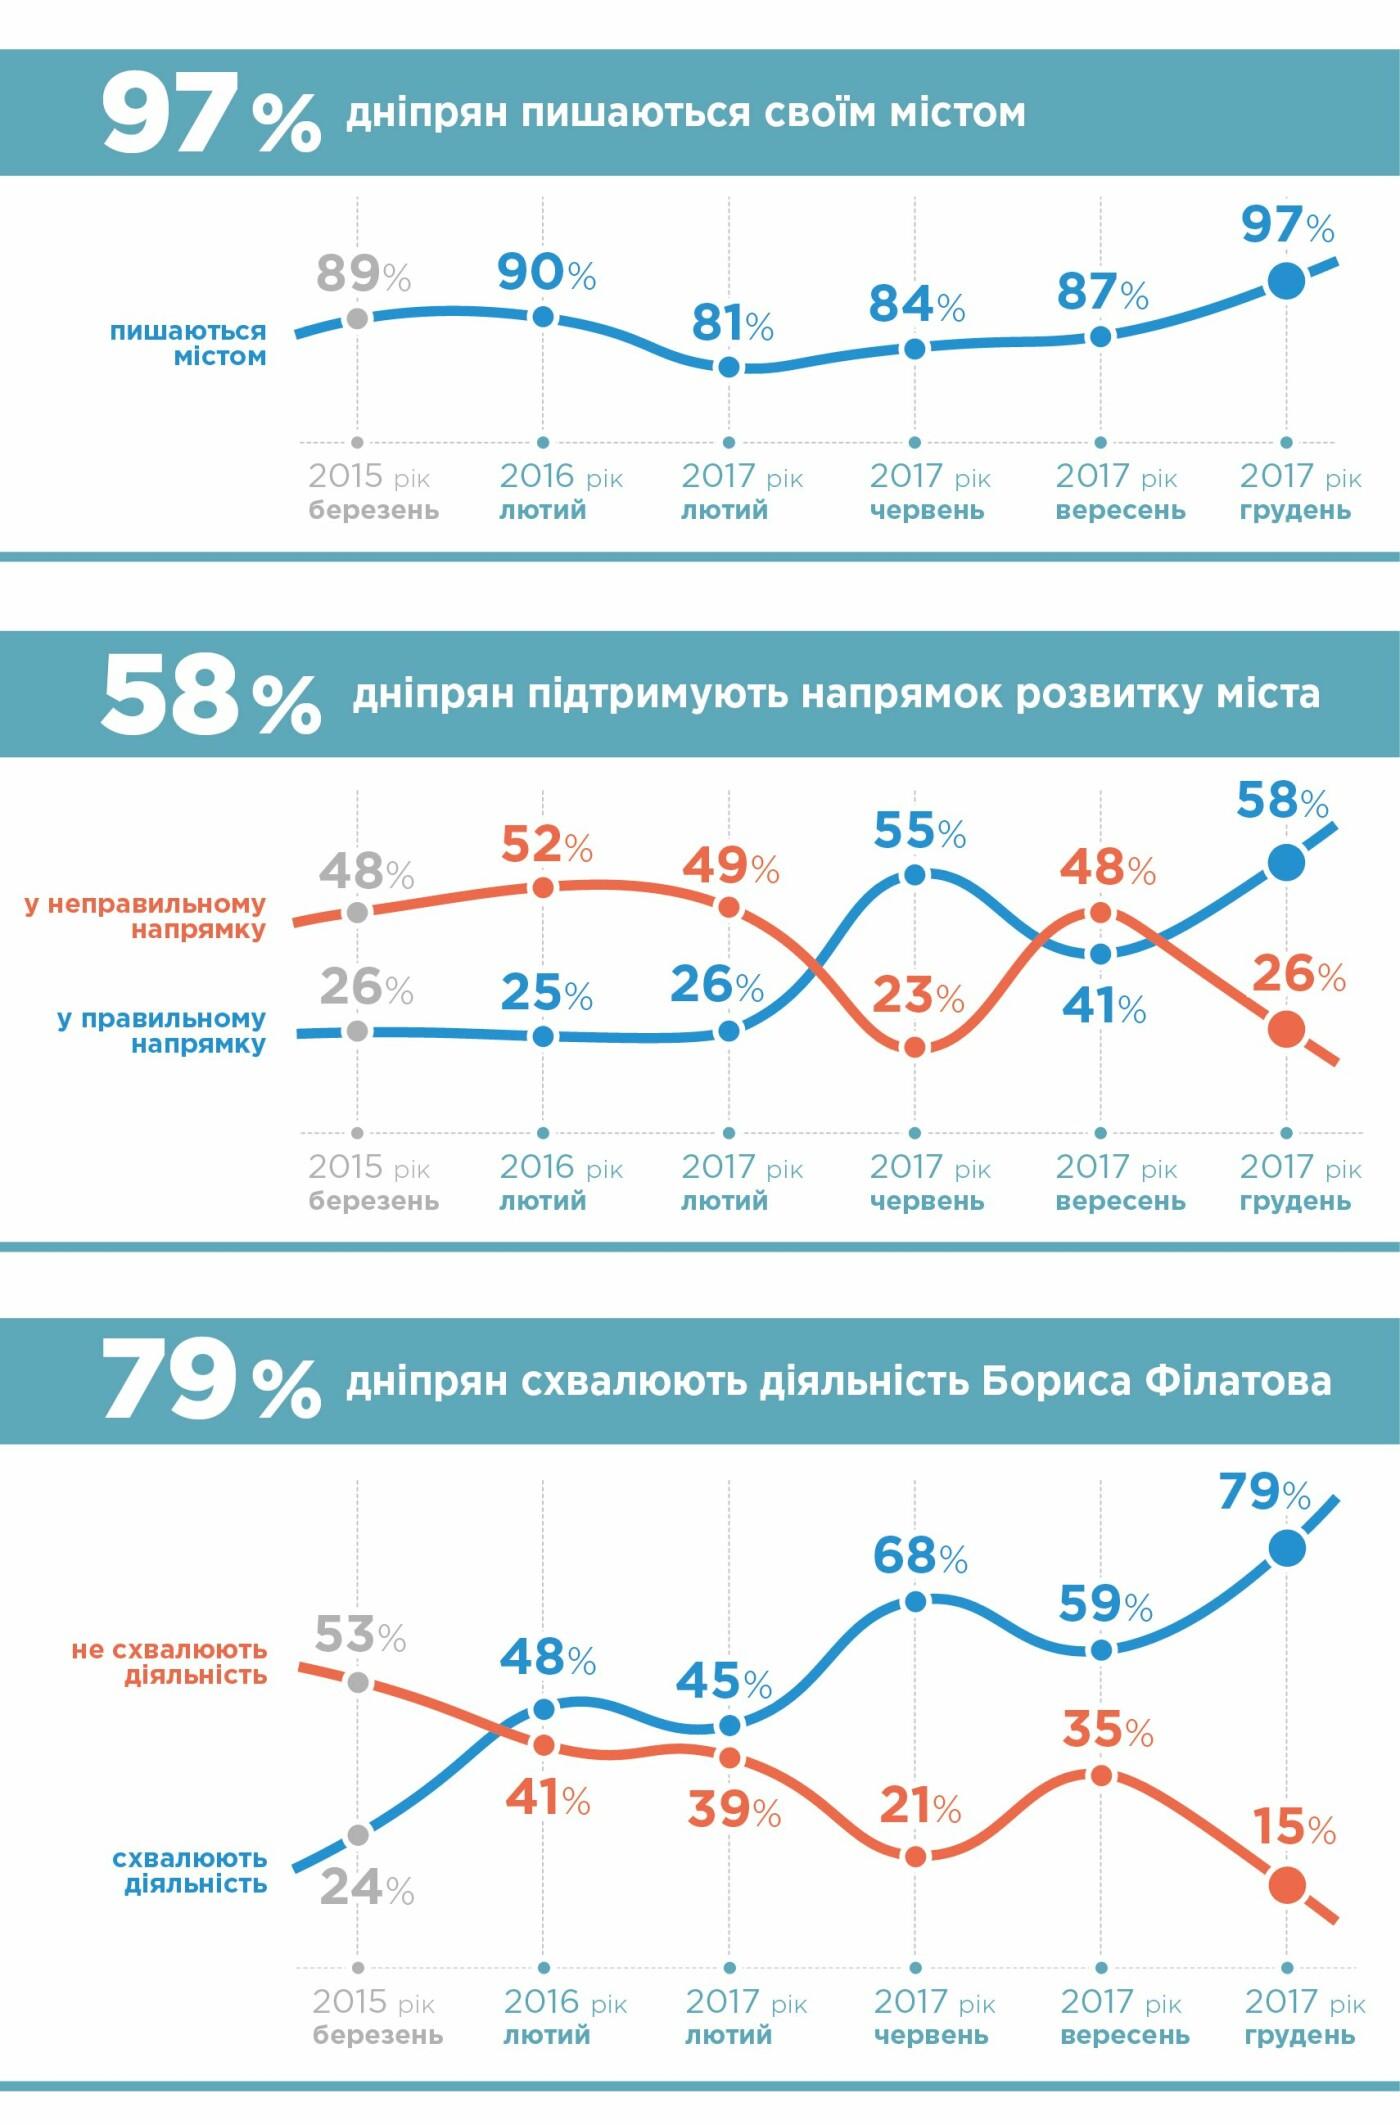 Борис Филатов имеет 79% поддержки, а 97% днепрян гордятся родным городом - исследование., фото-1